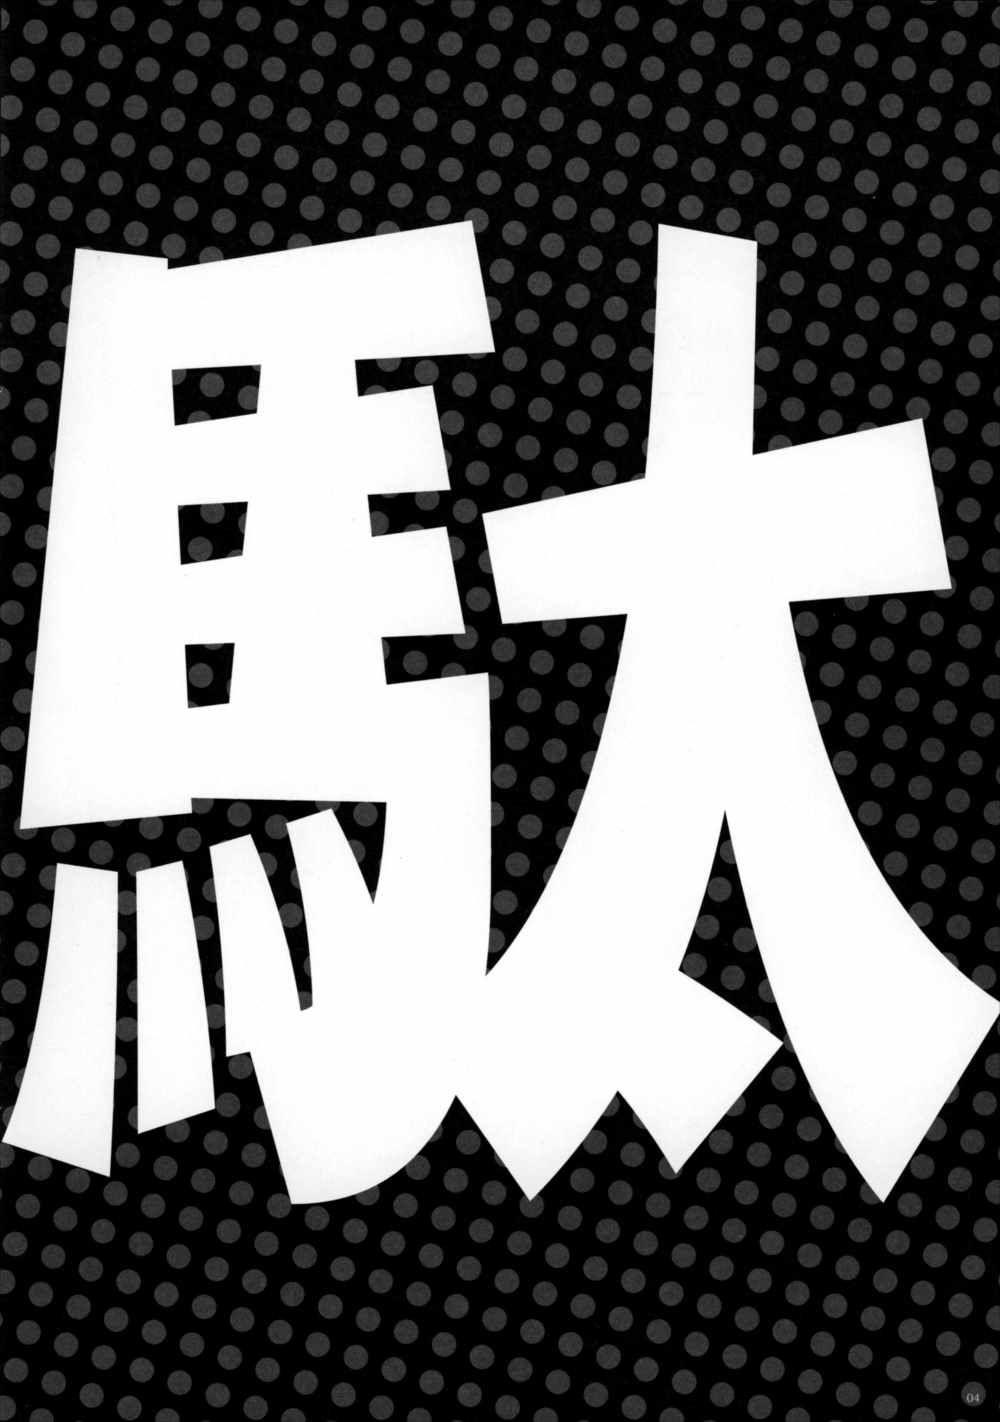 【エロ漫画】ココノツ君がほたるさんに朝から襲われてすげえ激しいセクロスに付き合わされてるんだがwwwwww